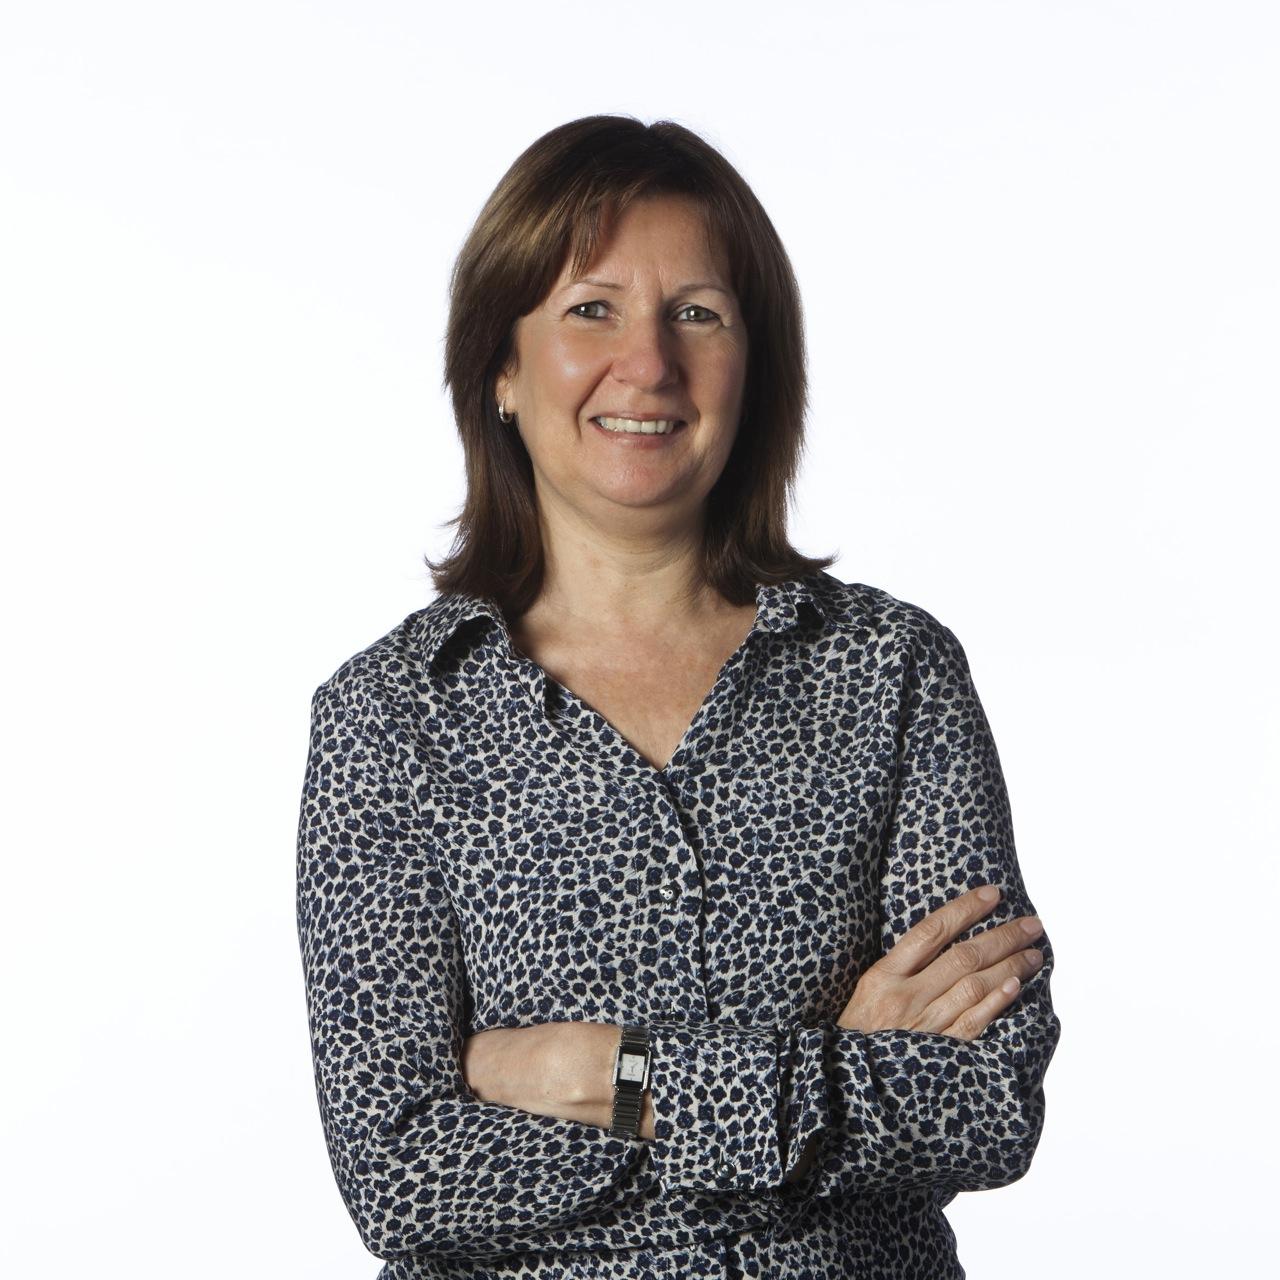 Claire De Bleser